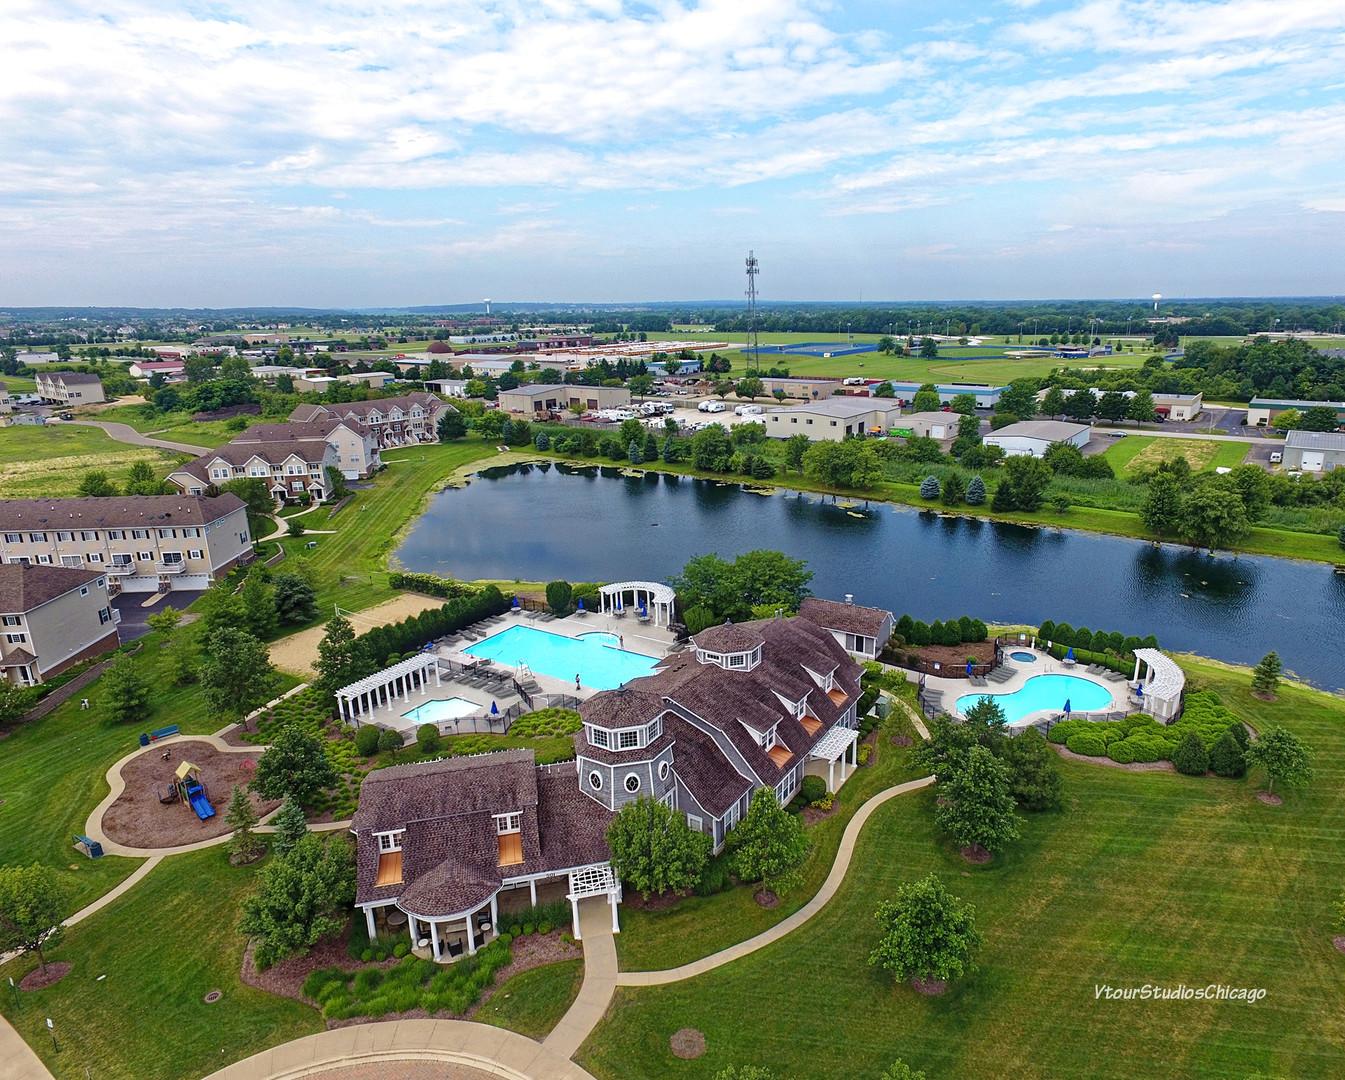 717 Springside, Oswego, Illinois, 60543